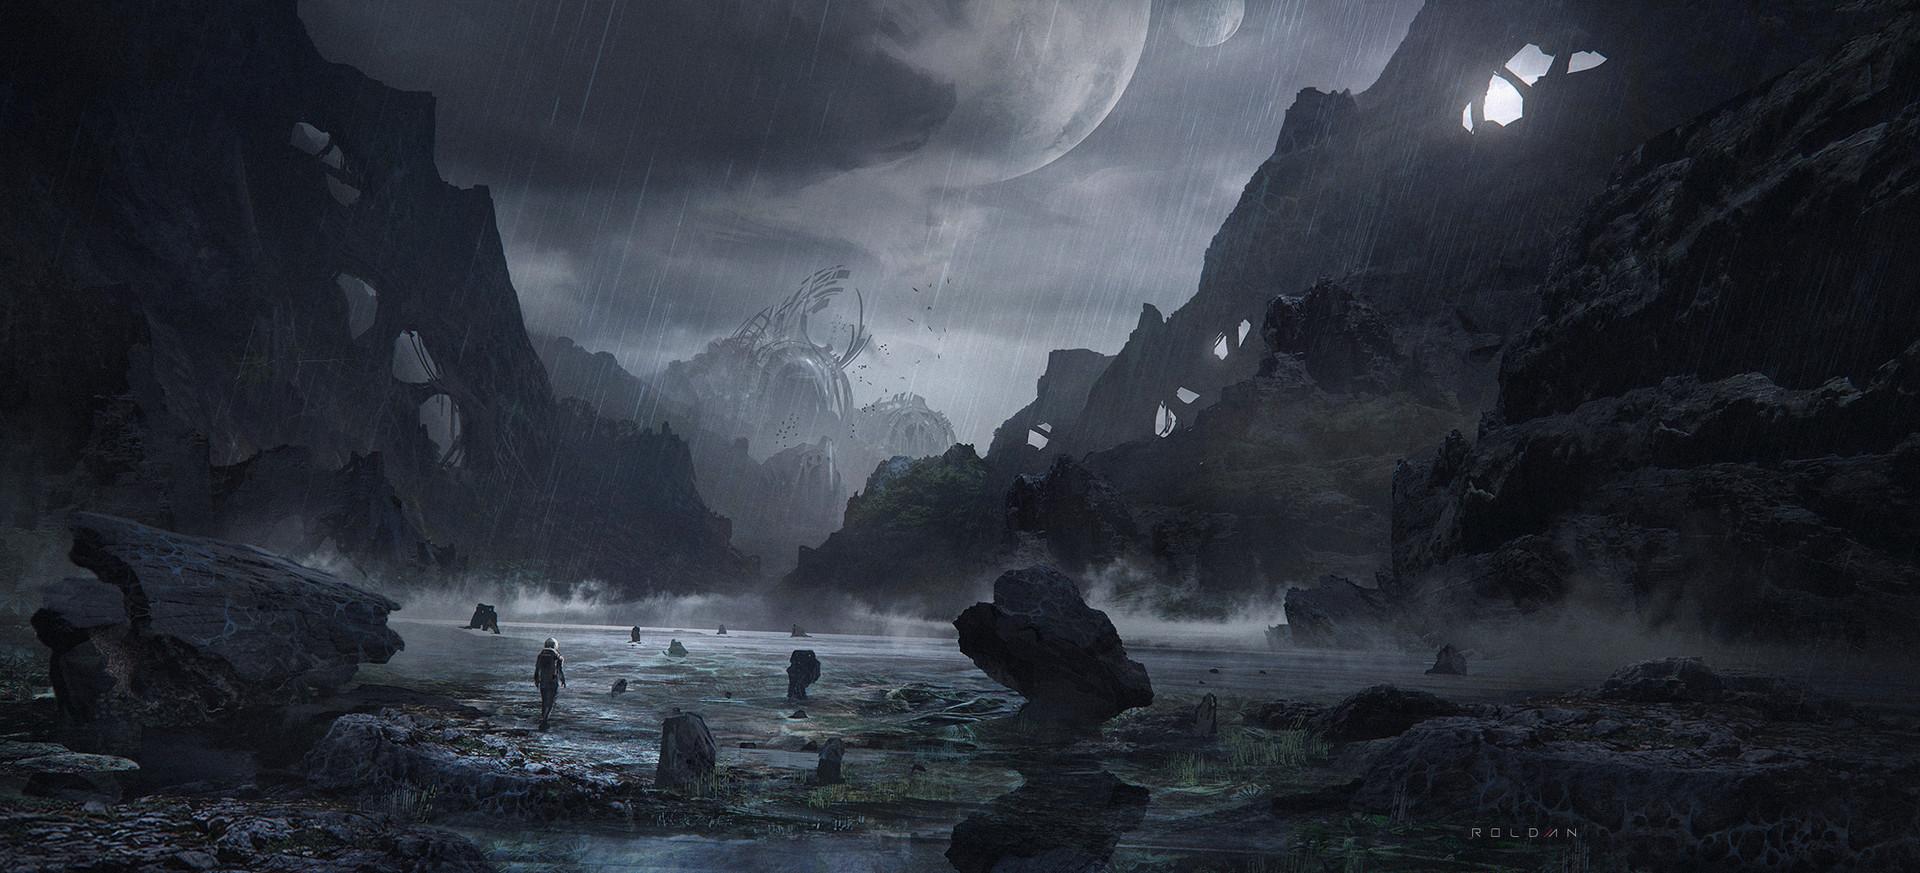 juan-pablo-roldan-alien-world-16.jpg